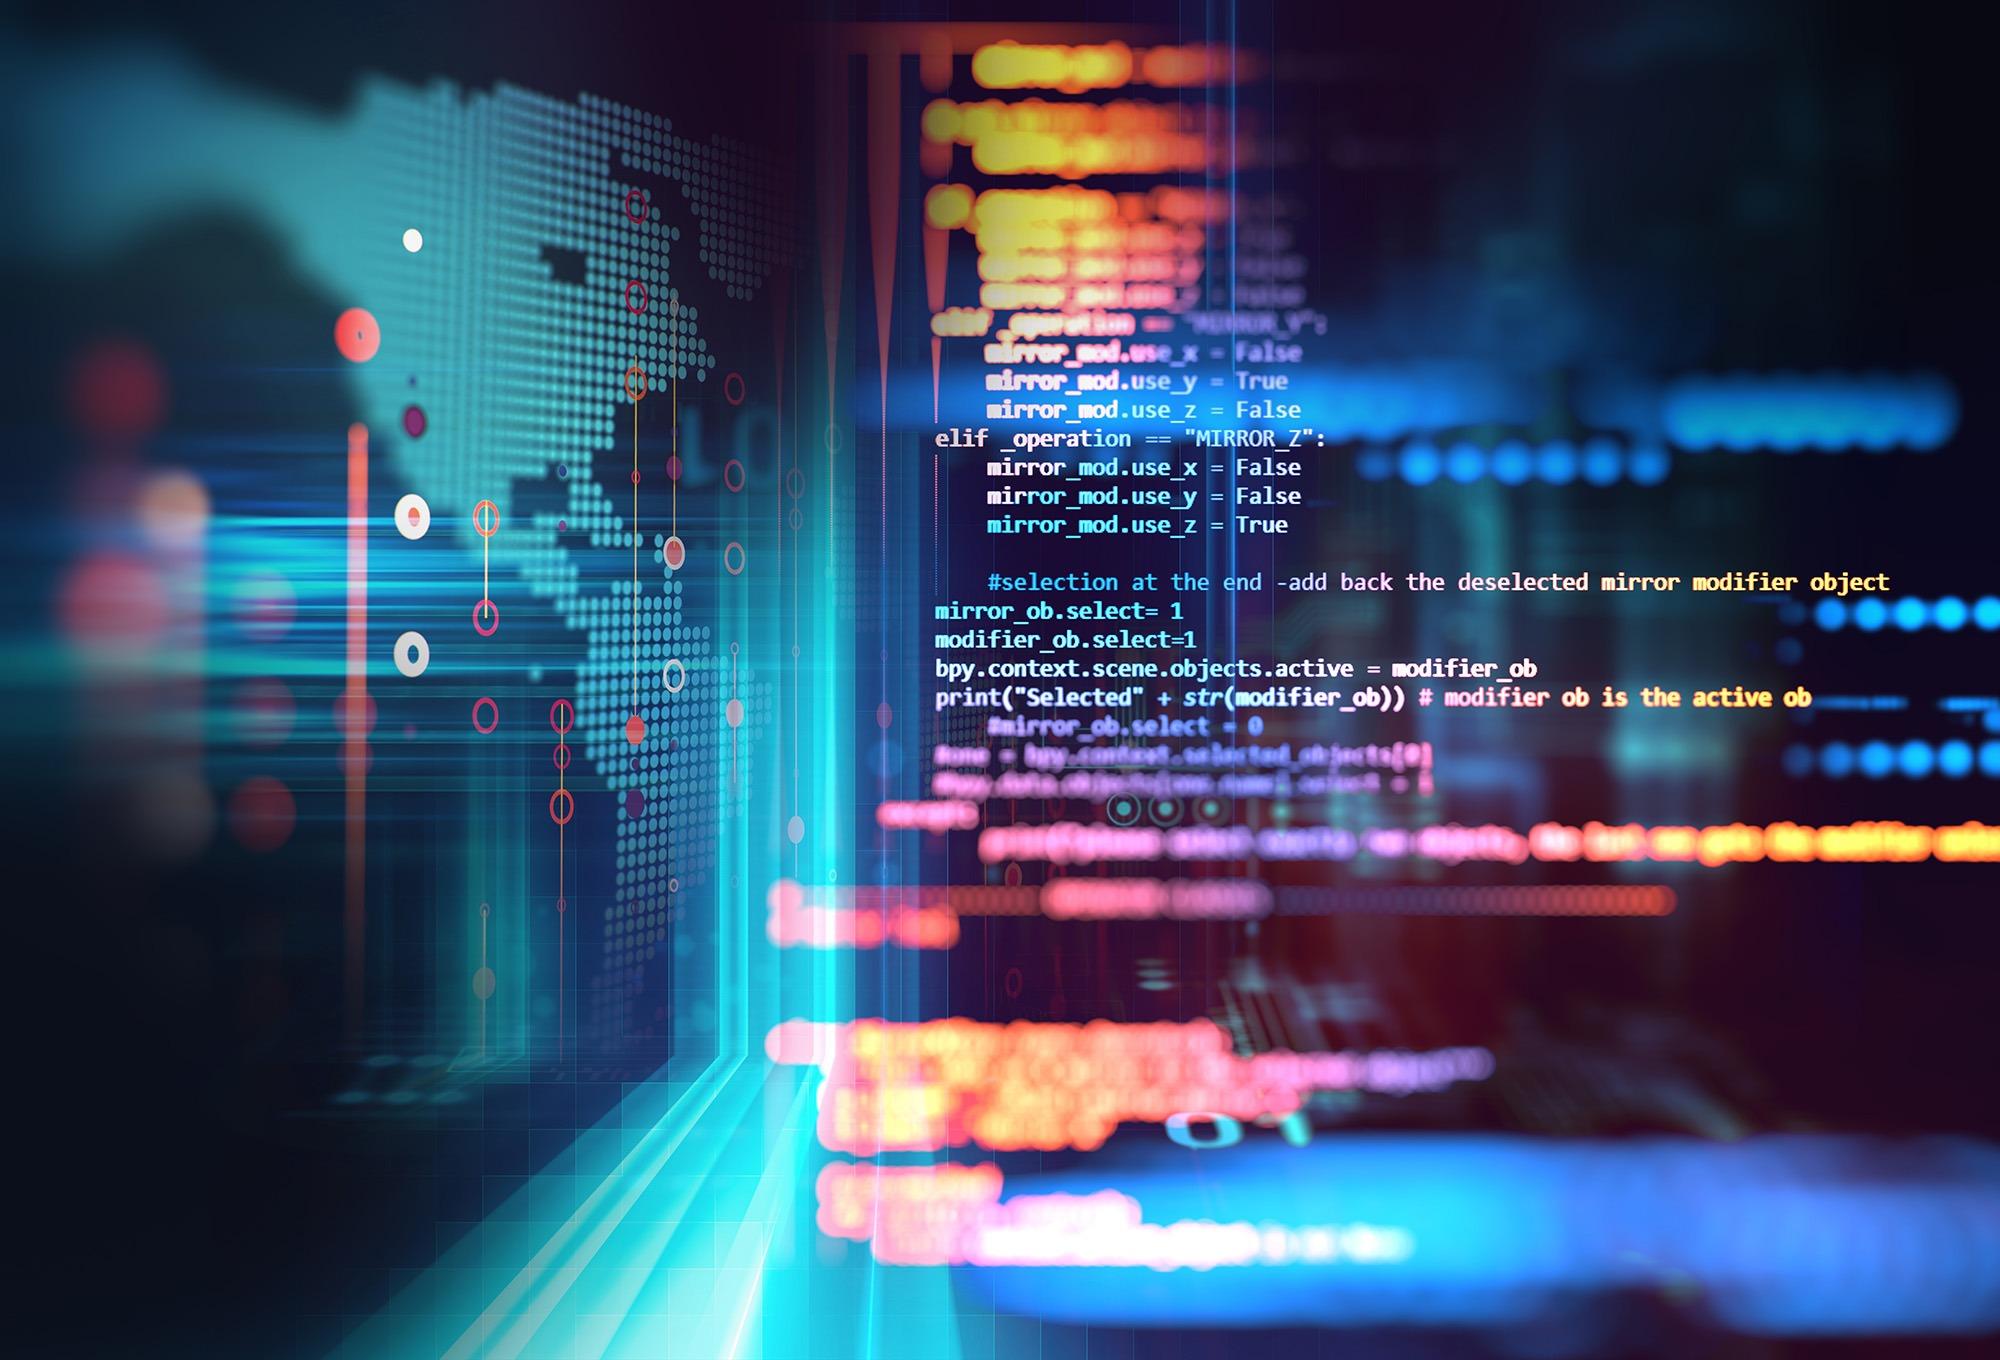 Руйнуємо міфи про кібербезпеку | Kyivstar Business Hub image №1